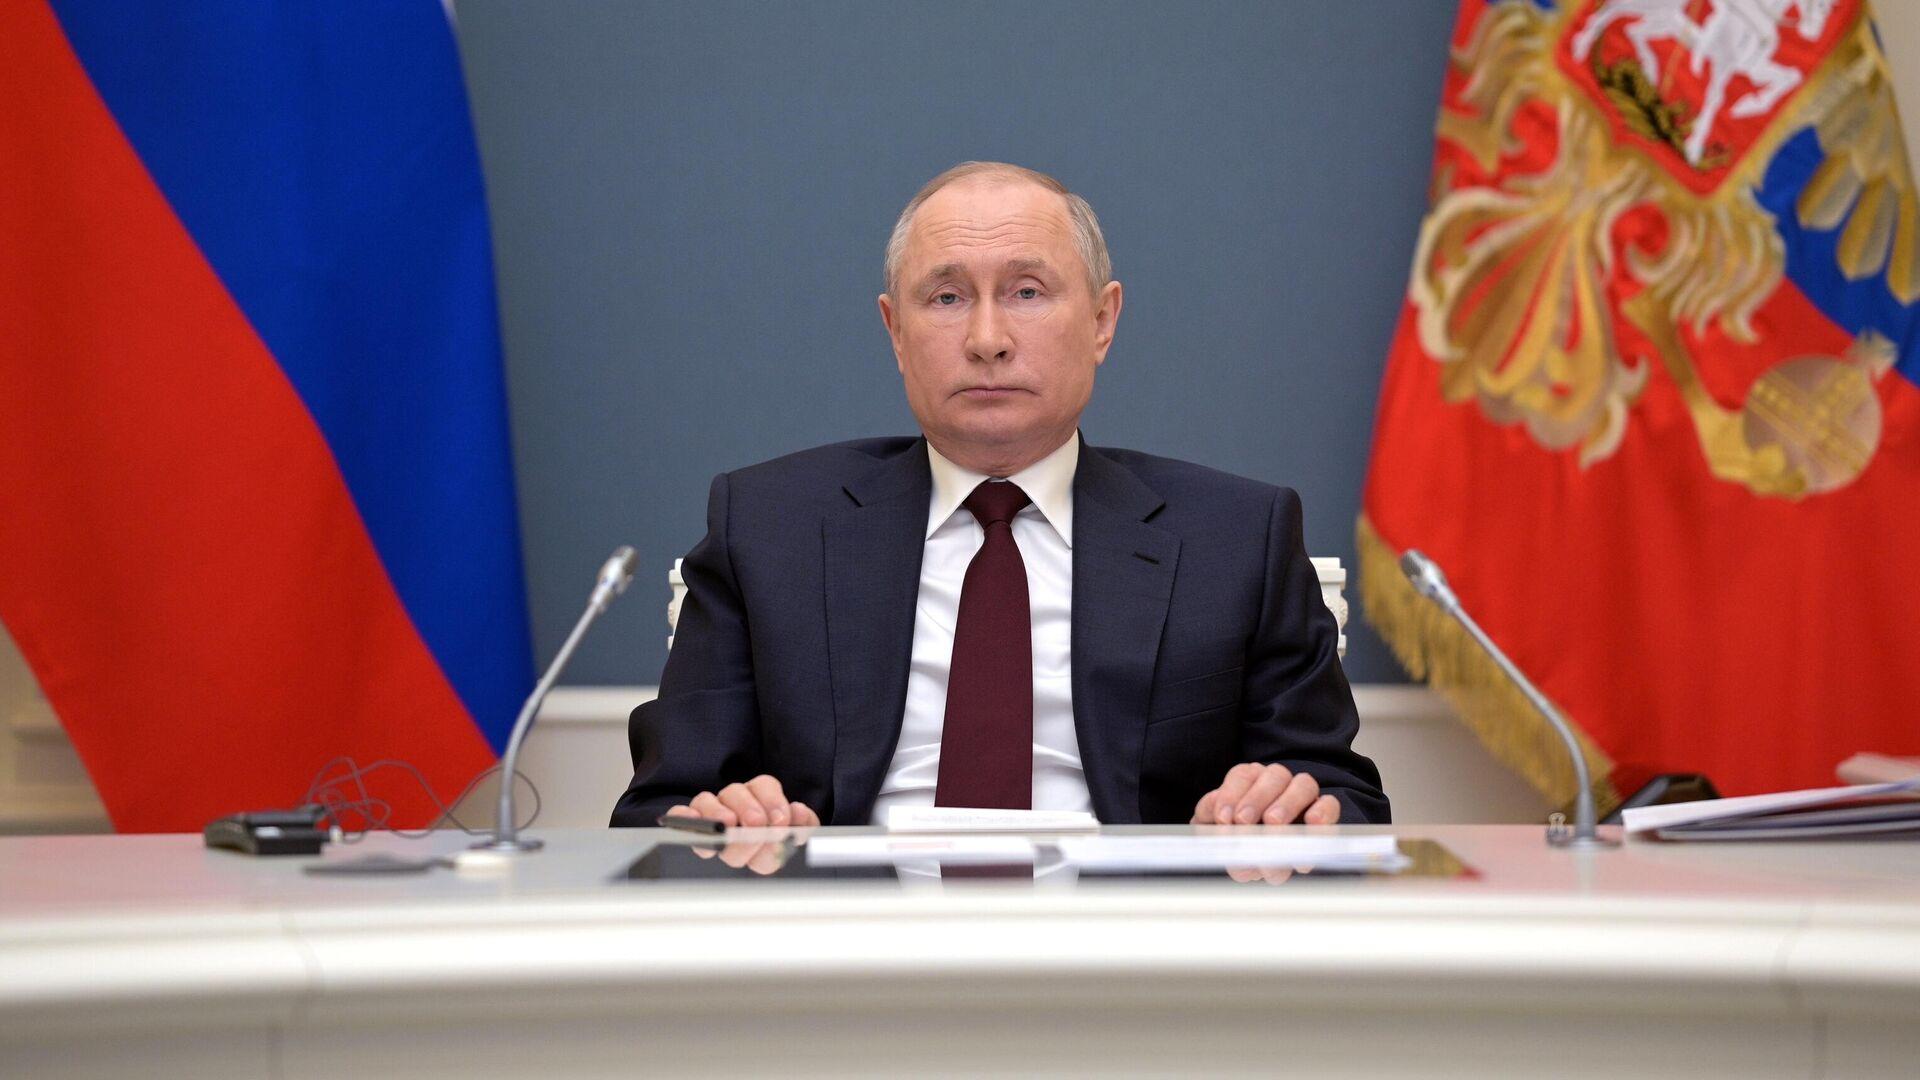 Помощник Путина прокомментировал его участие в климатическом саммите